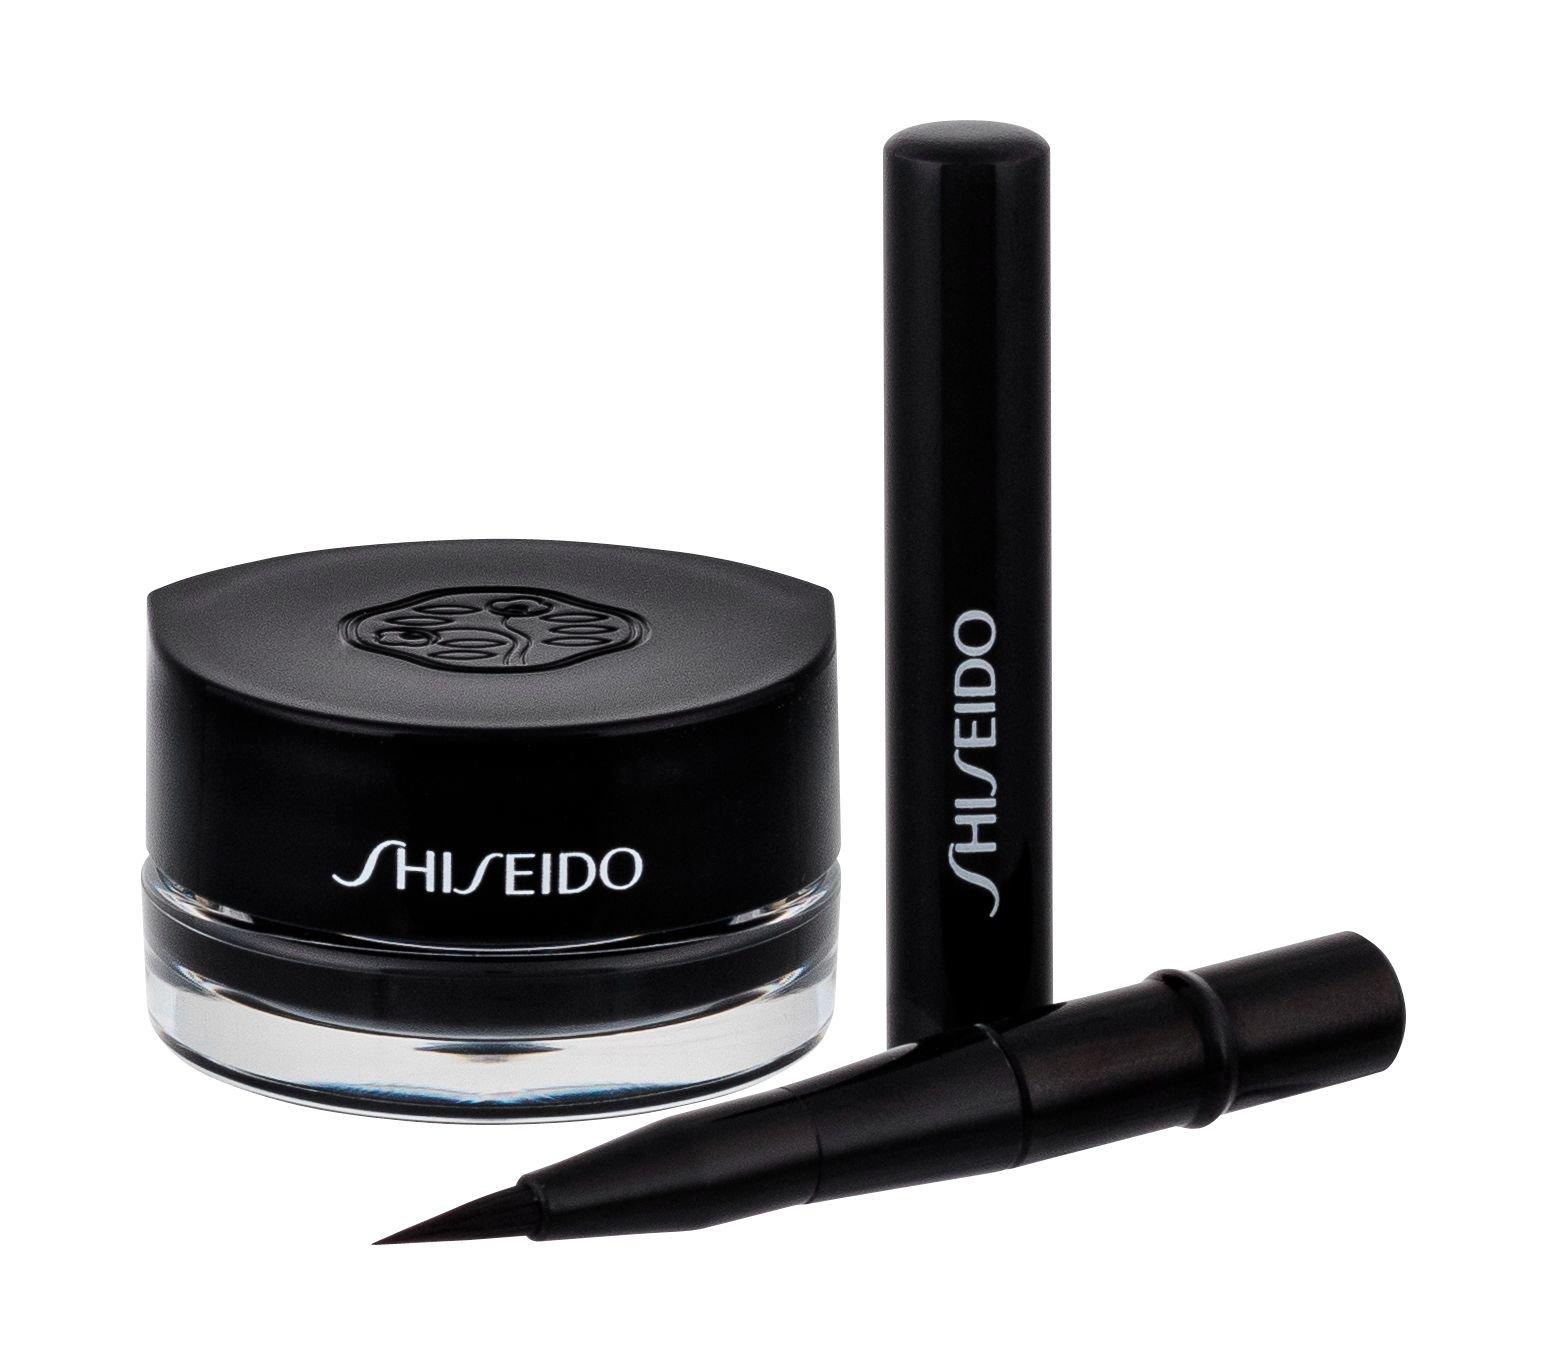 Shiseido Inkstroke Eyeliner Eye Line 4,5ml BK901 Shikkoku Black